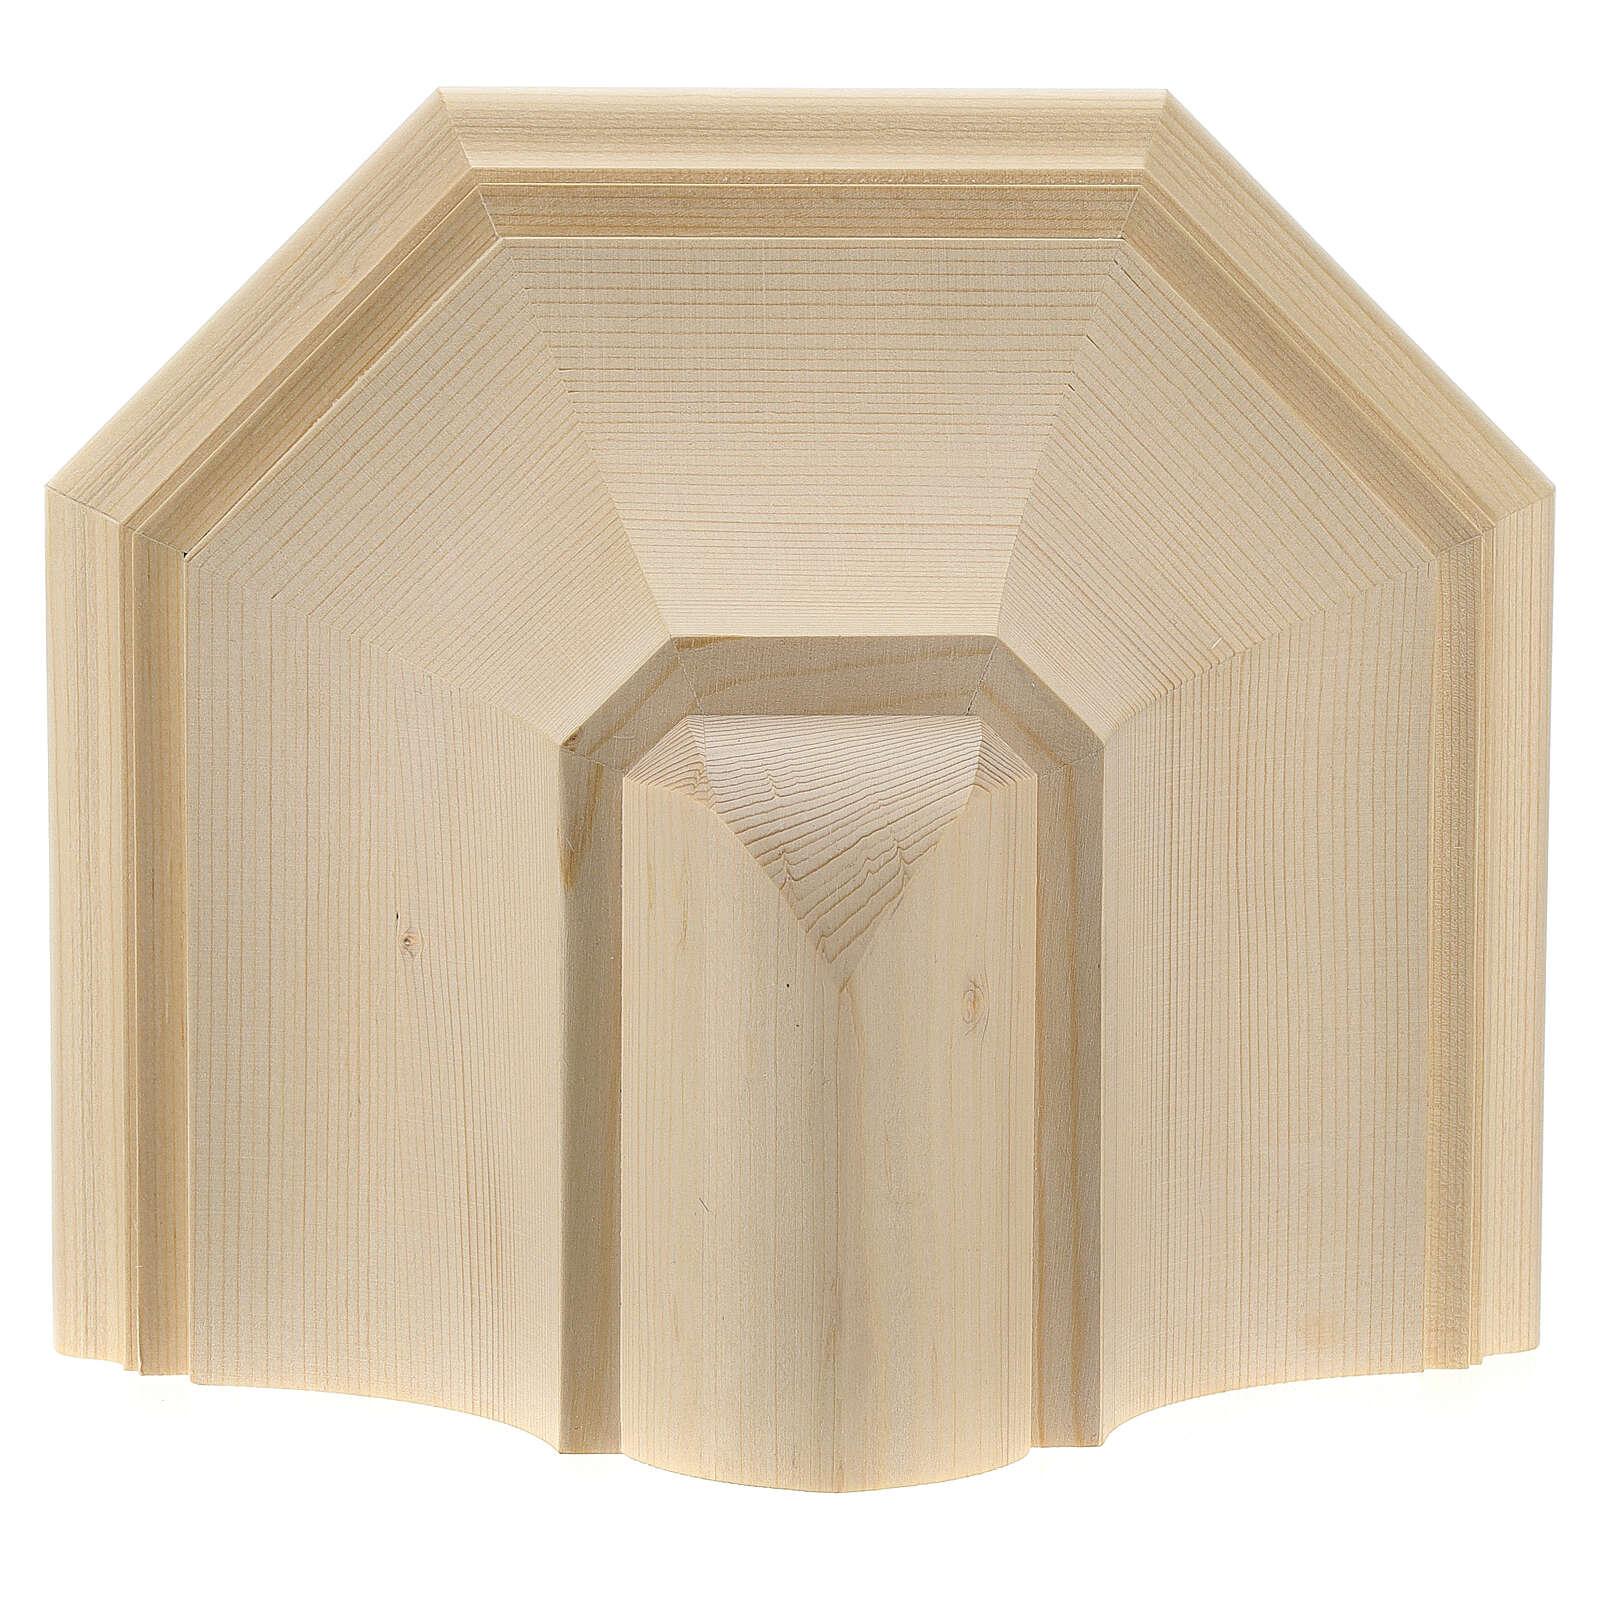 Mensola parete gotica 22x27 legno naturale cerato 4